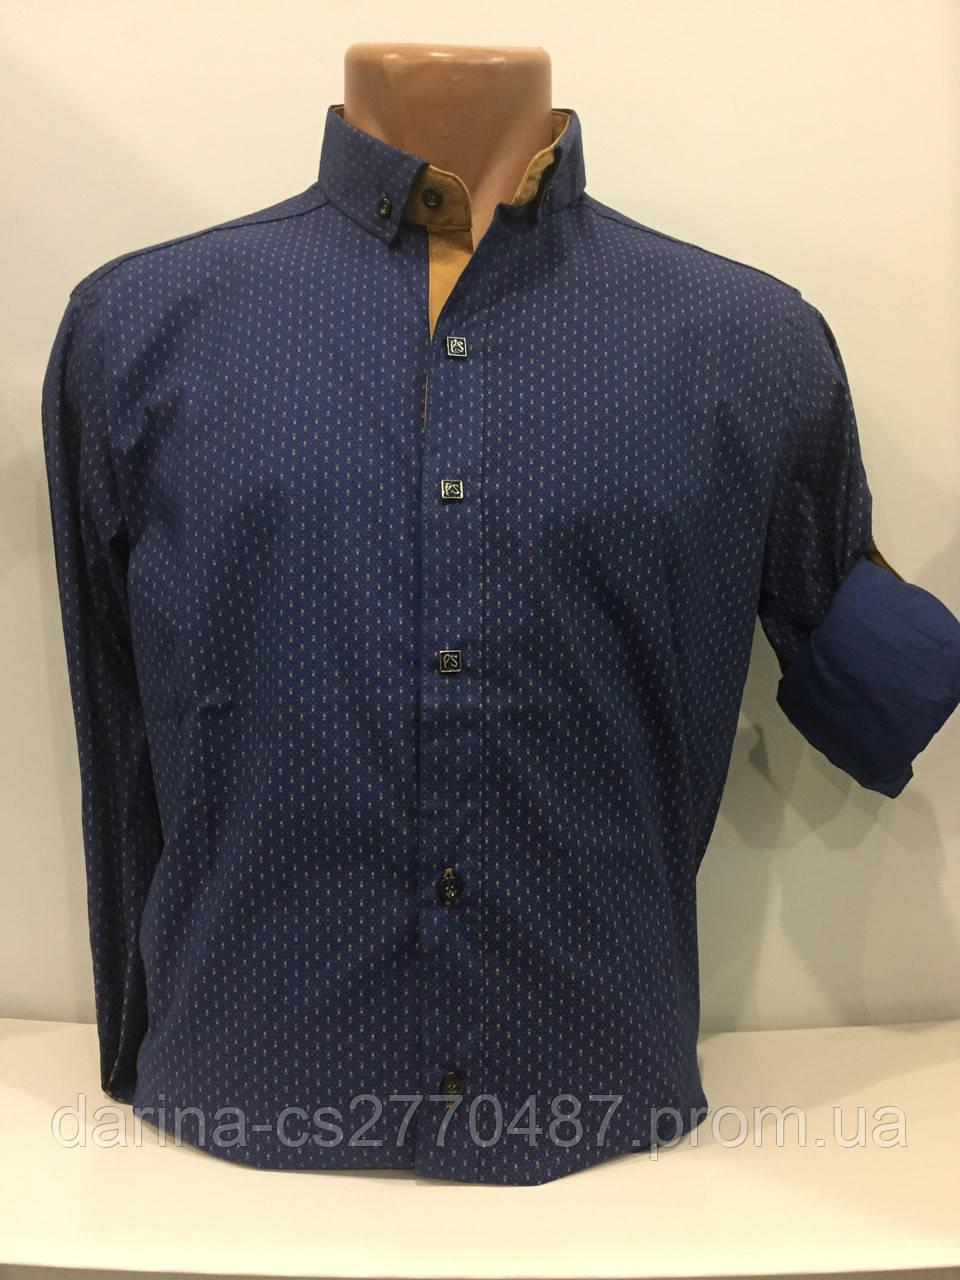 Мужская рубашка на трех кнопках XL